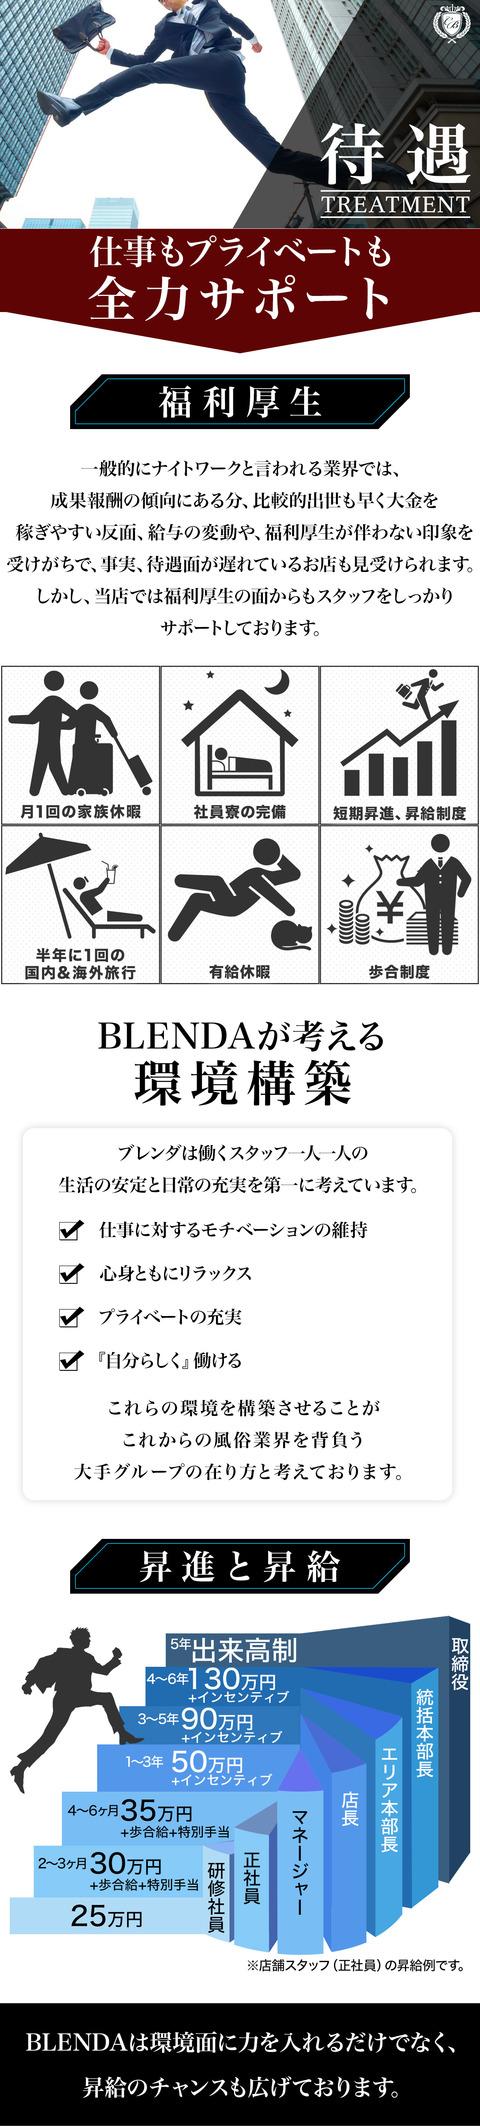 mensh_bl-lp_02